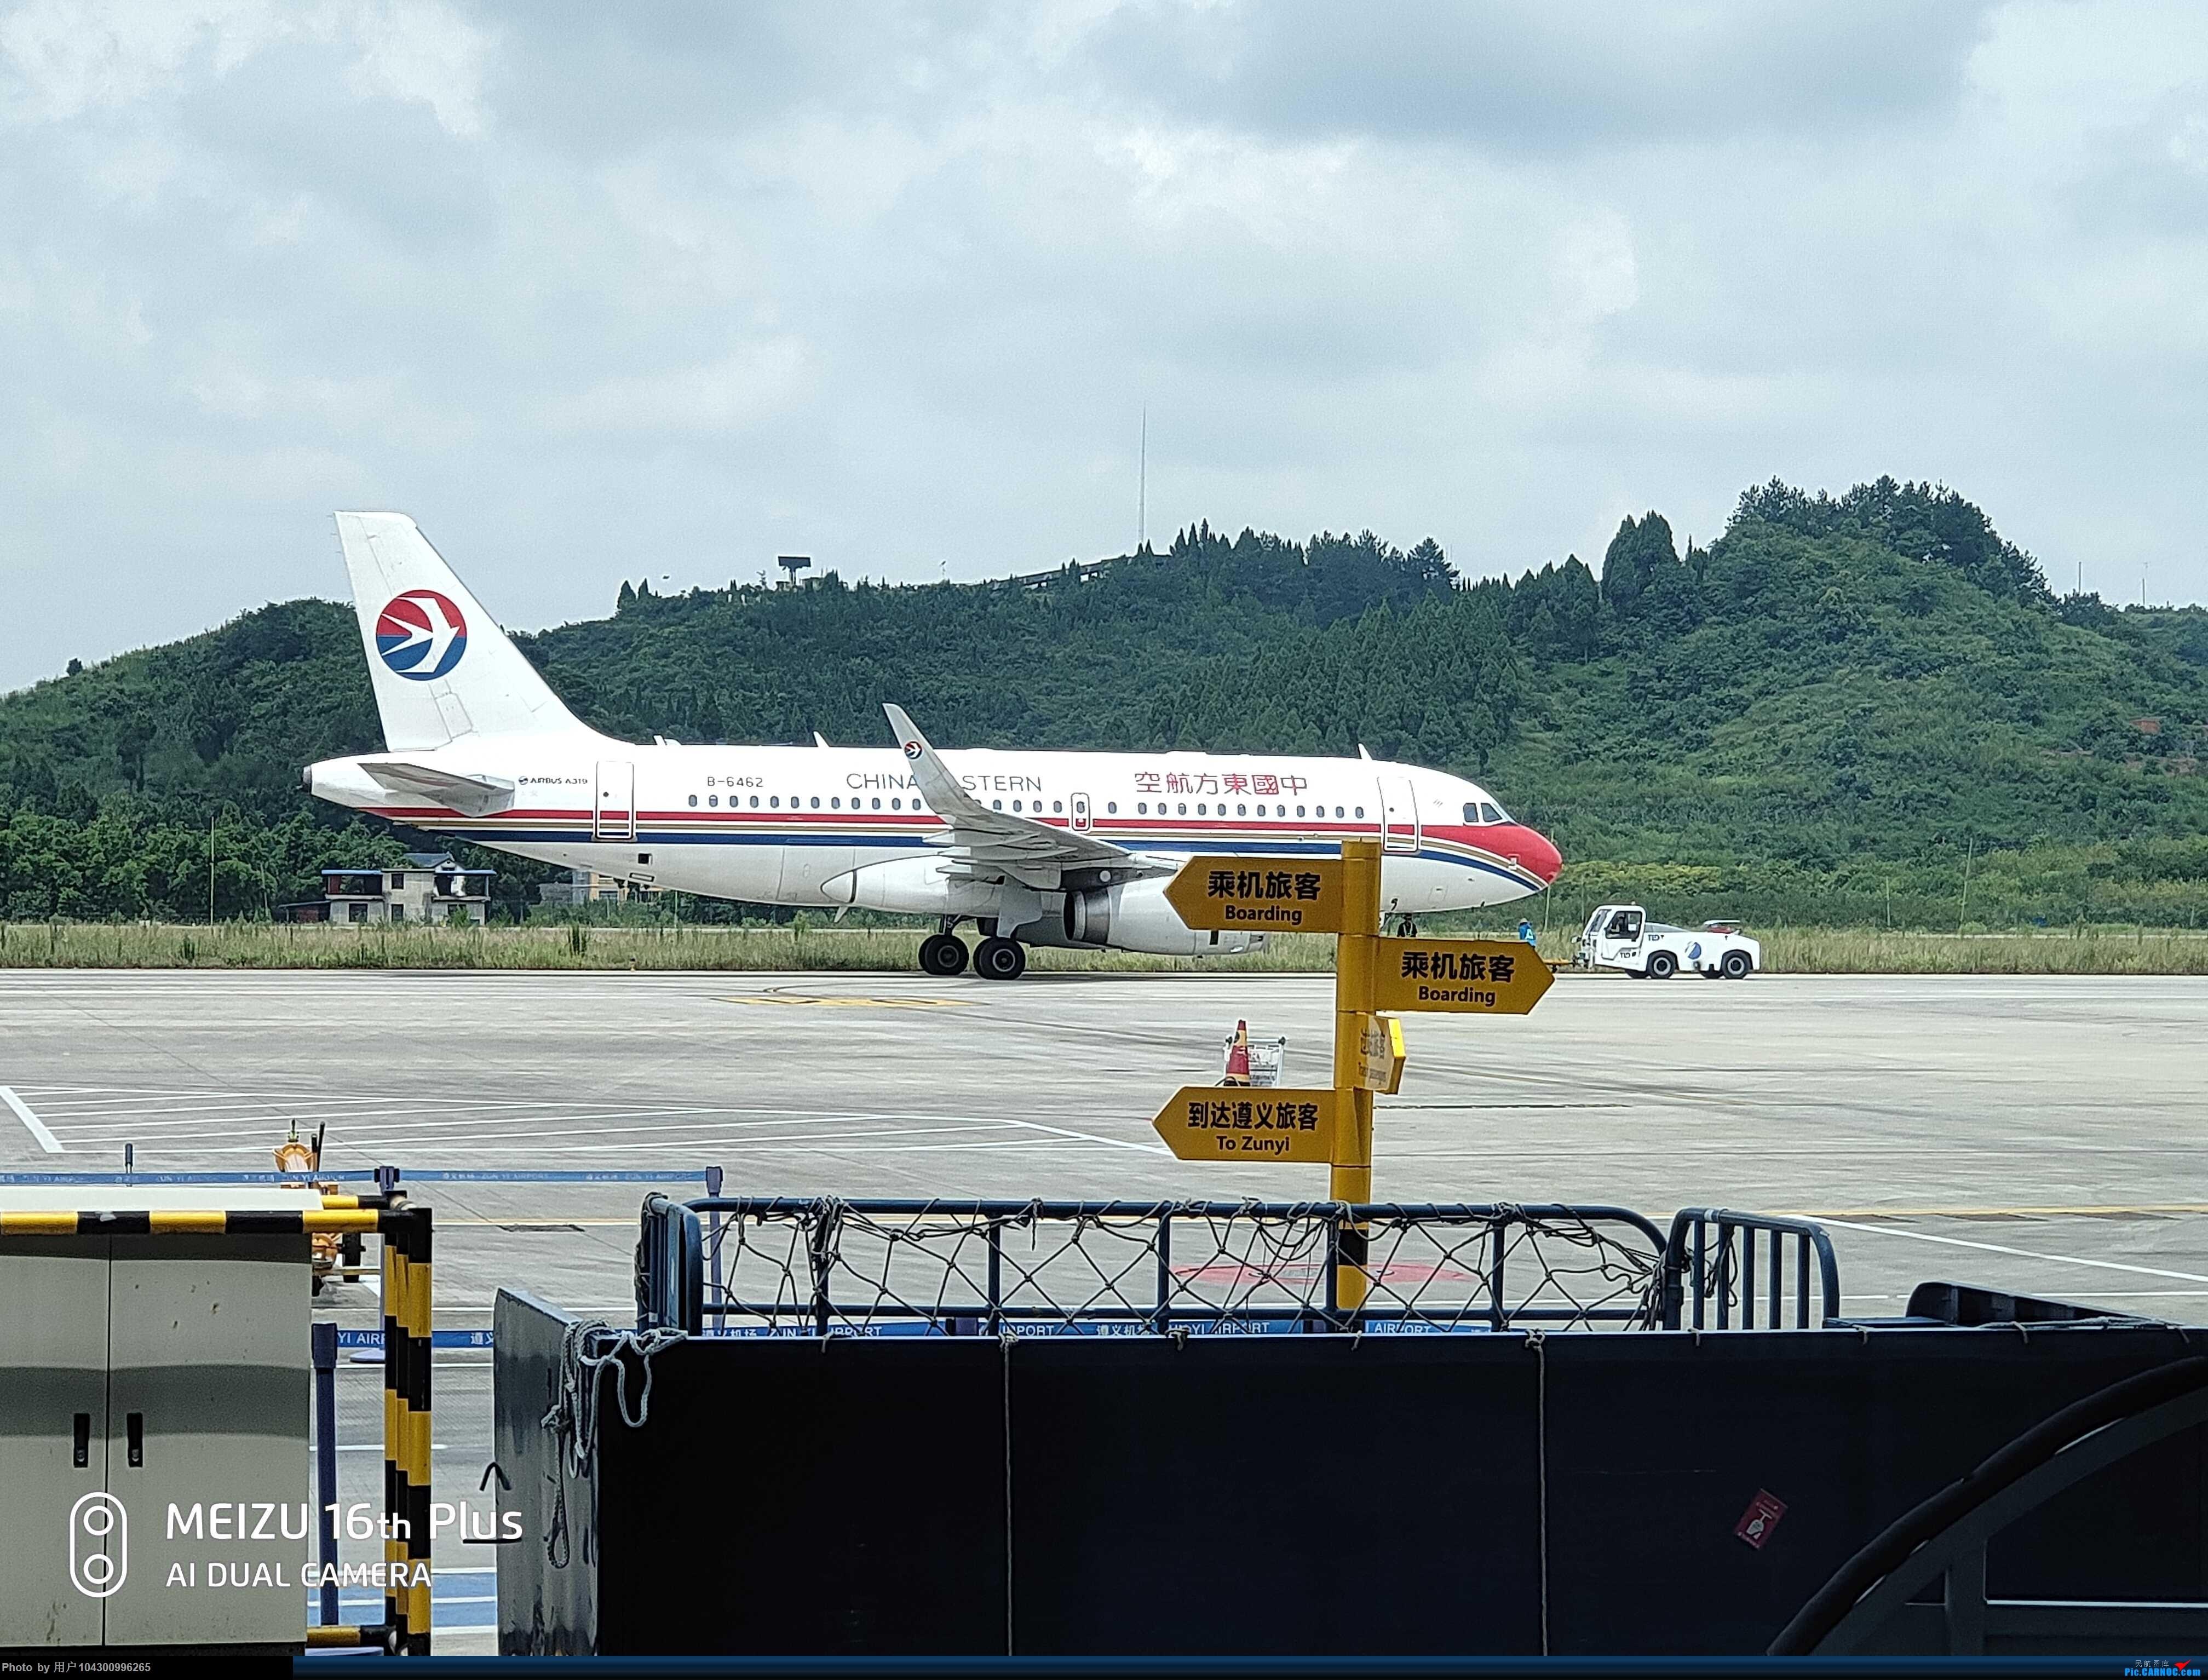 Re:[原创]DM游记之FU遵义--桂林 AIRBUS A319-100 B-6462 中国遵义新舟机场